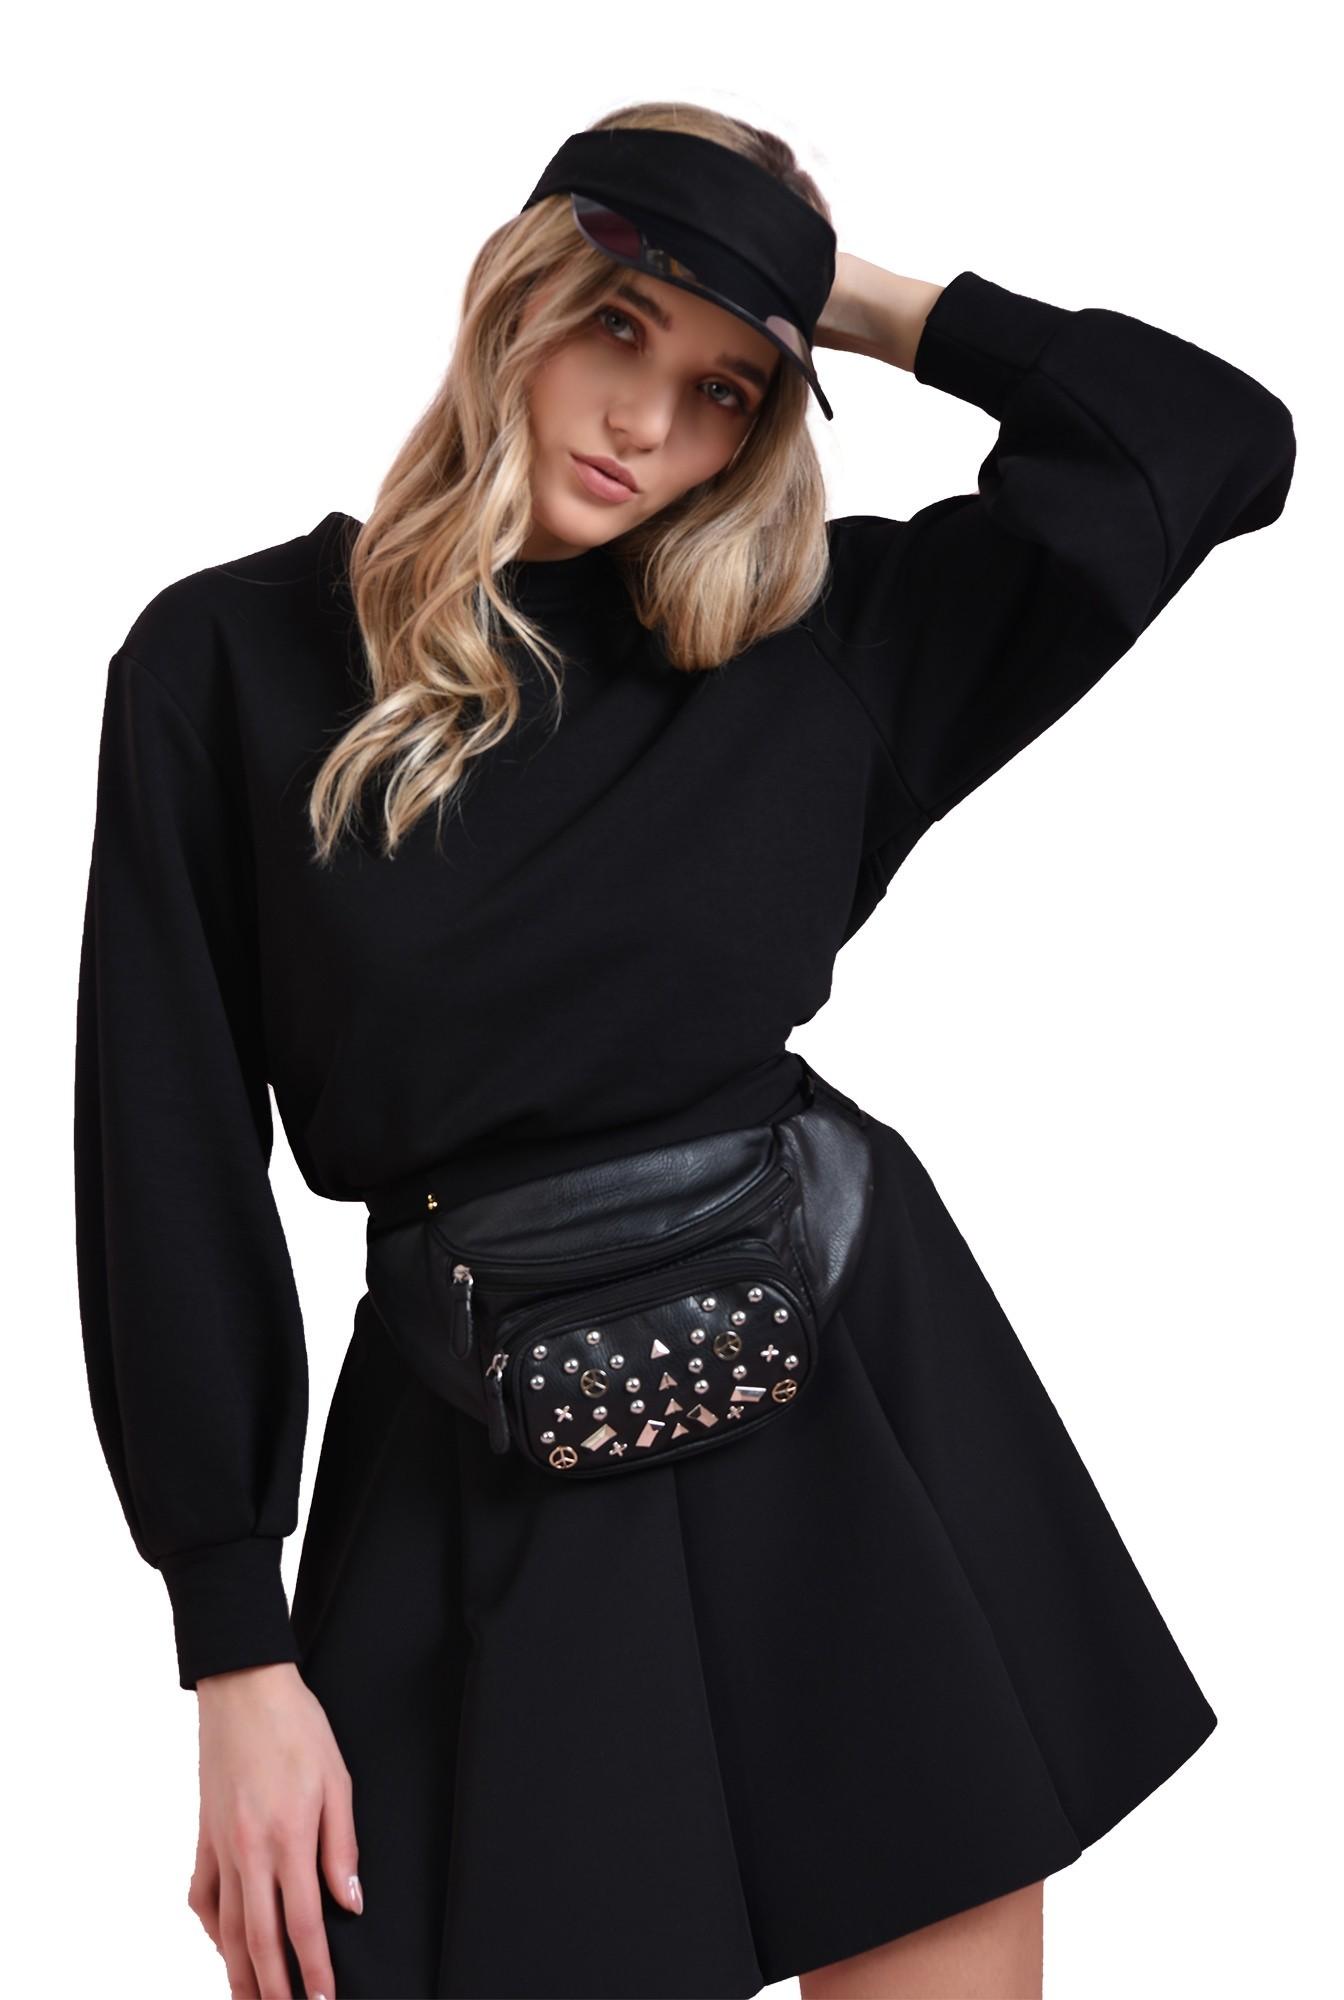 3 - fusta neagra, scurta, cu clini